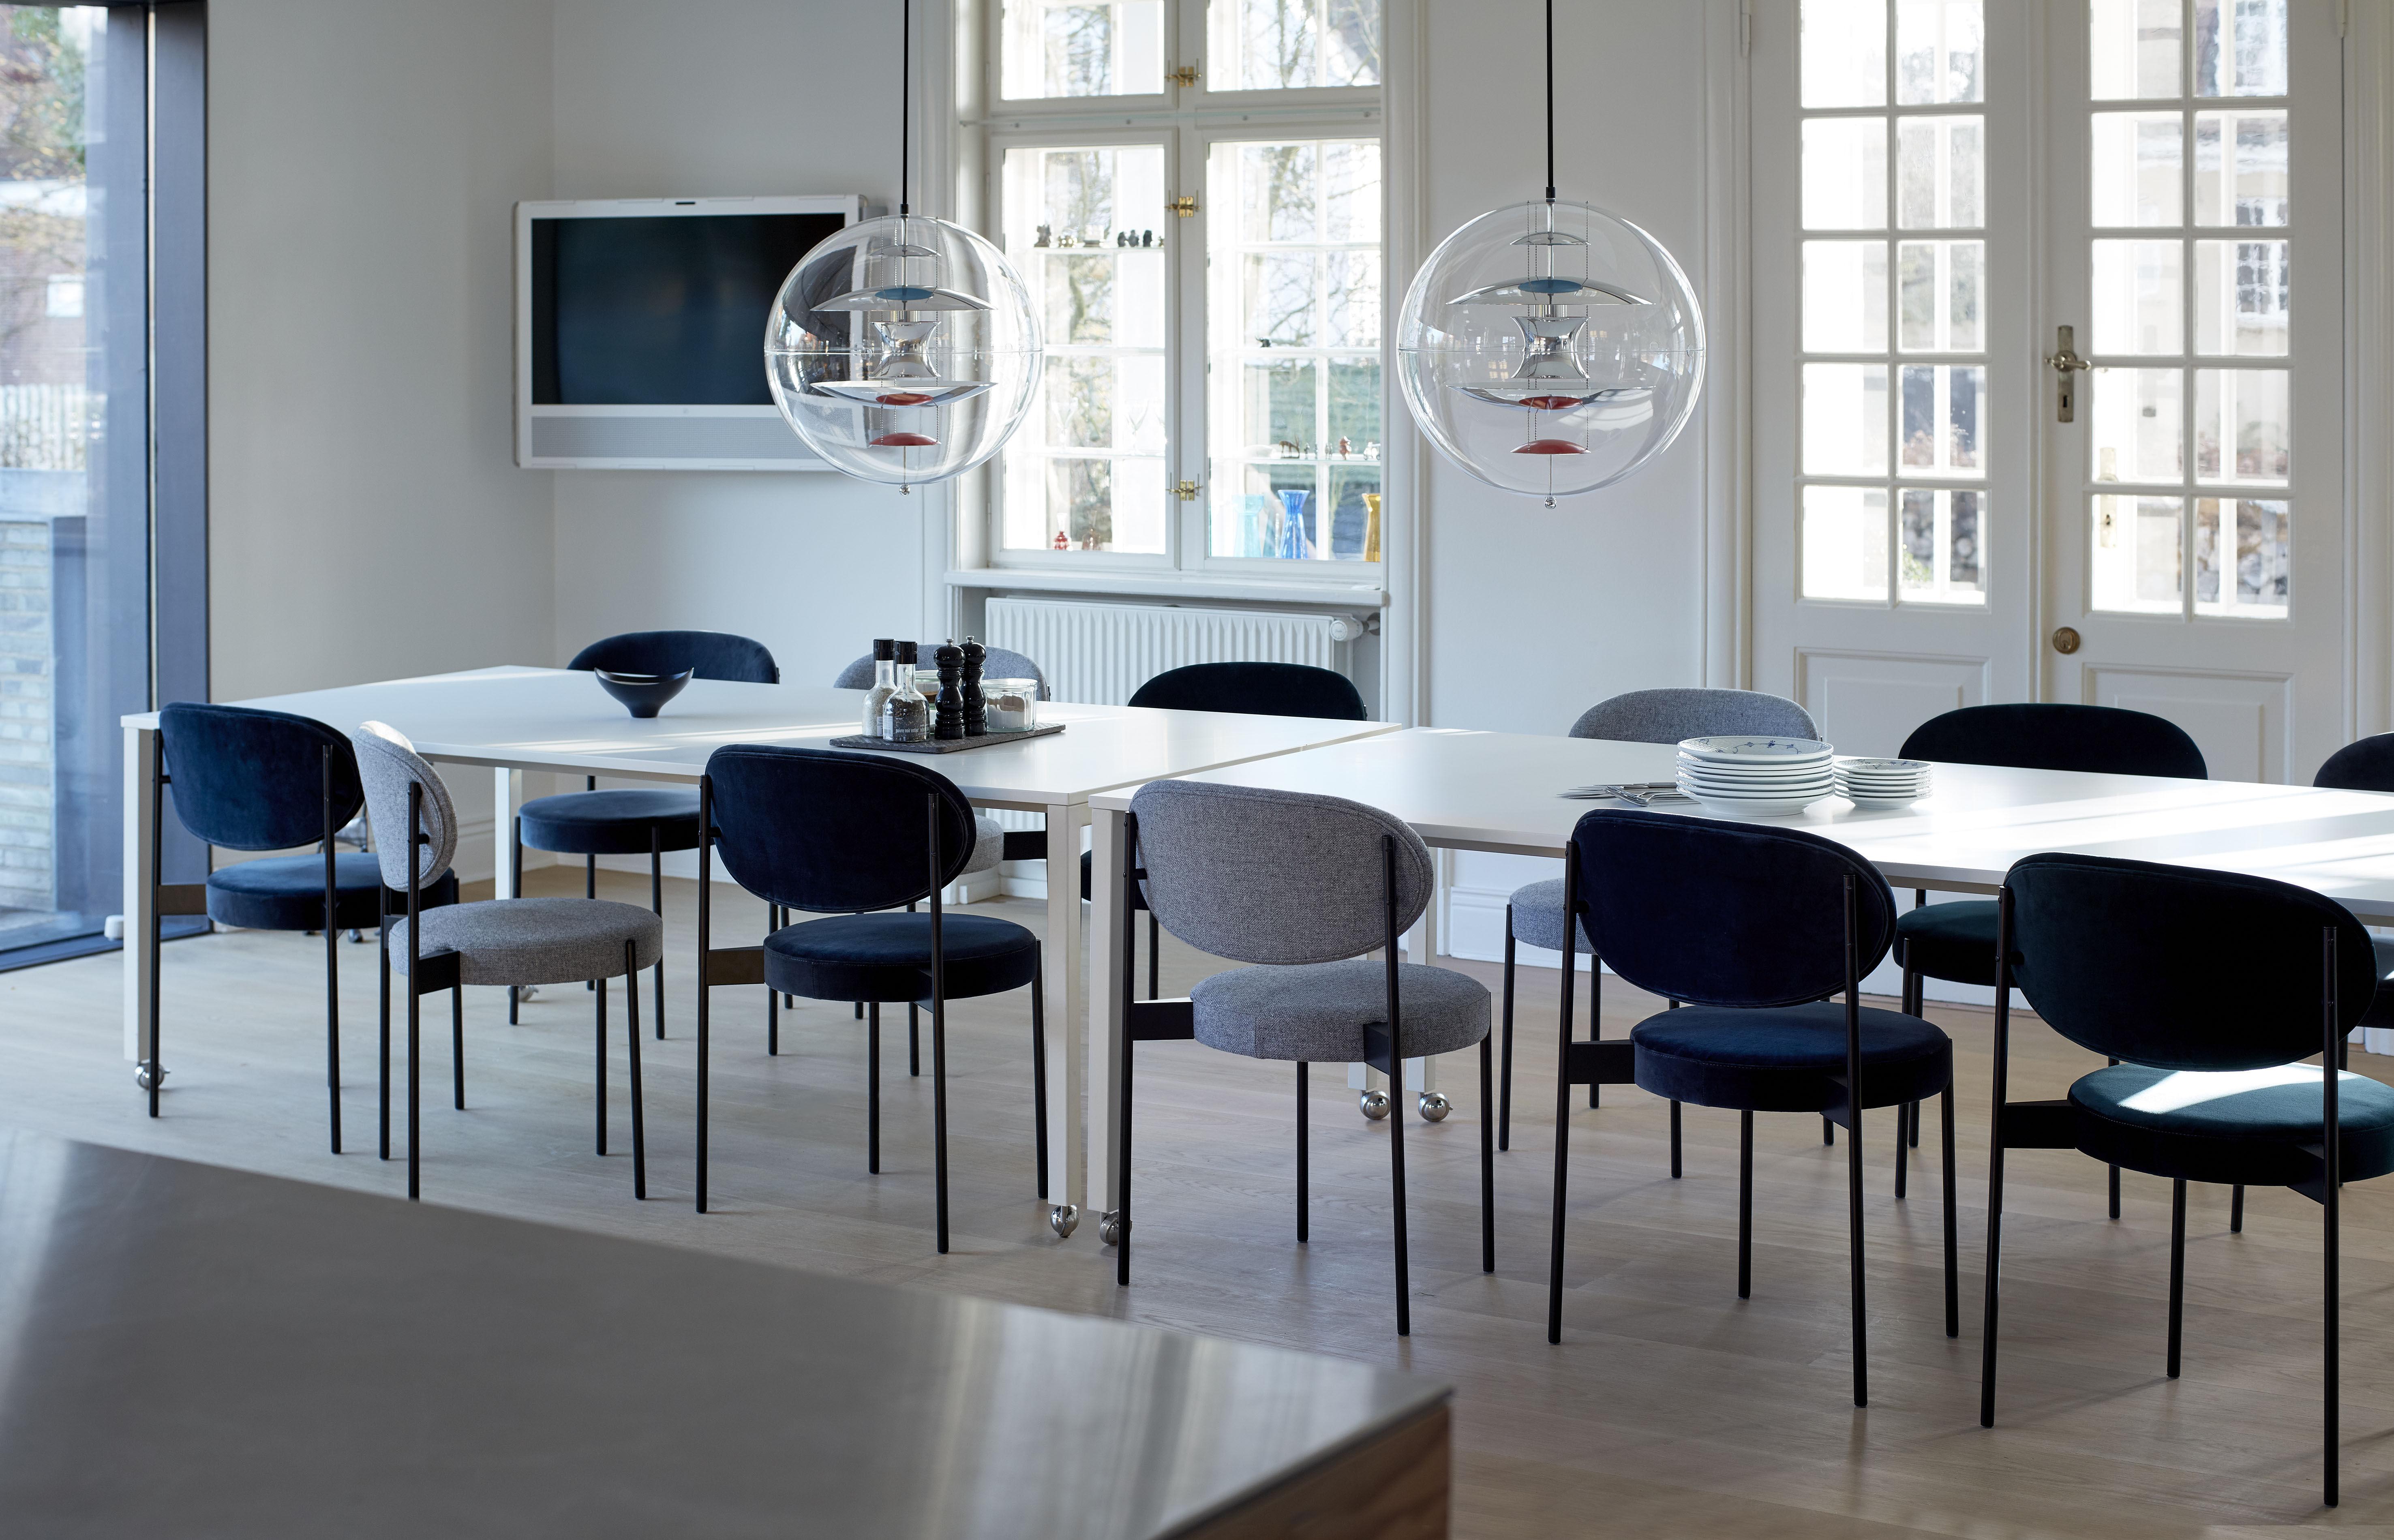 Sedia Imbottita Design : Scopri sedia imbottita series 430 impilabile tessuto & metallo